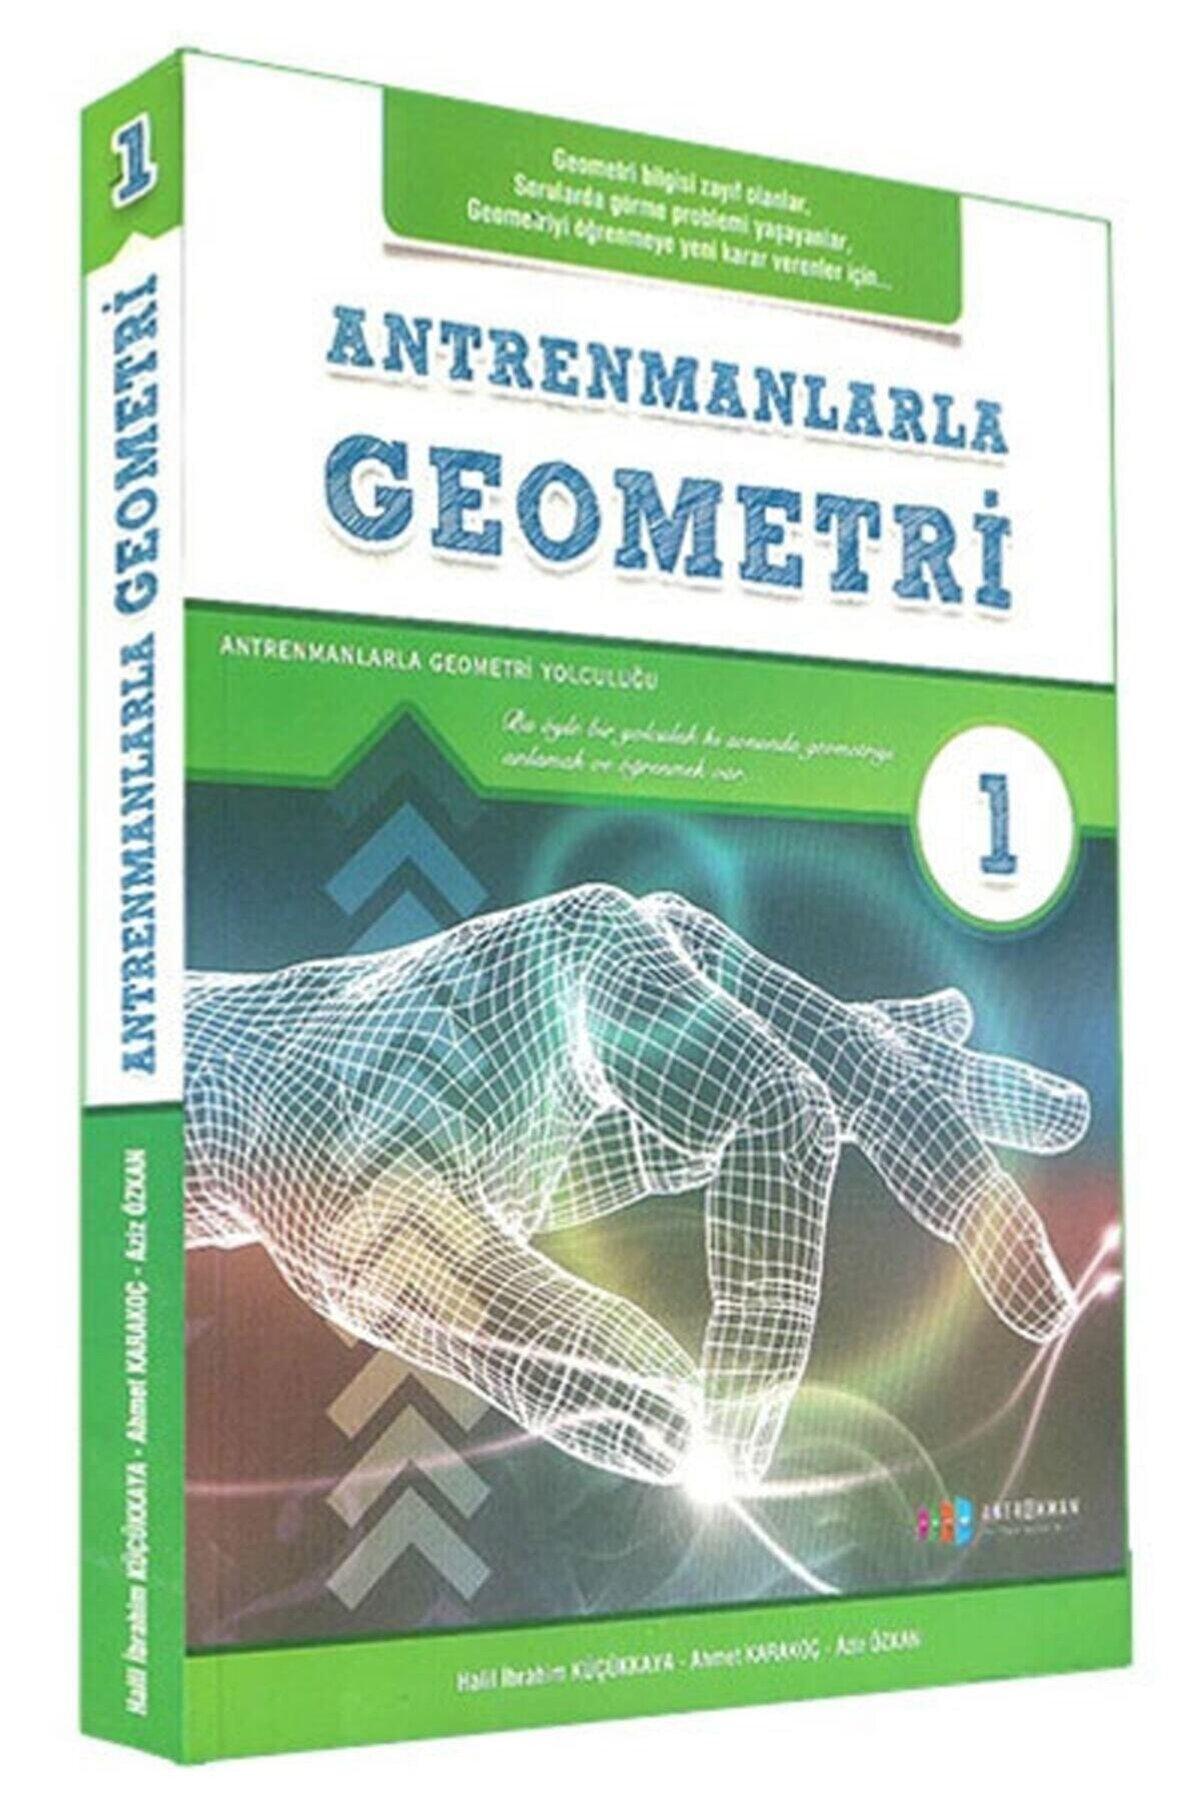 Antrenman Yayınları Antremanlarla Geometri 1